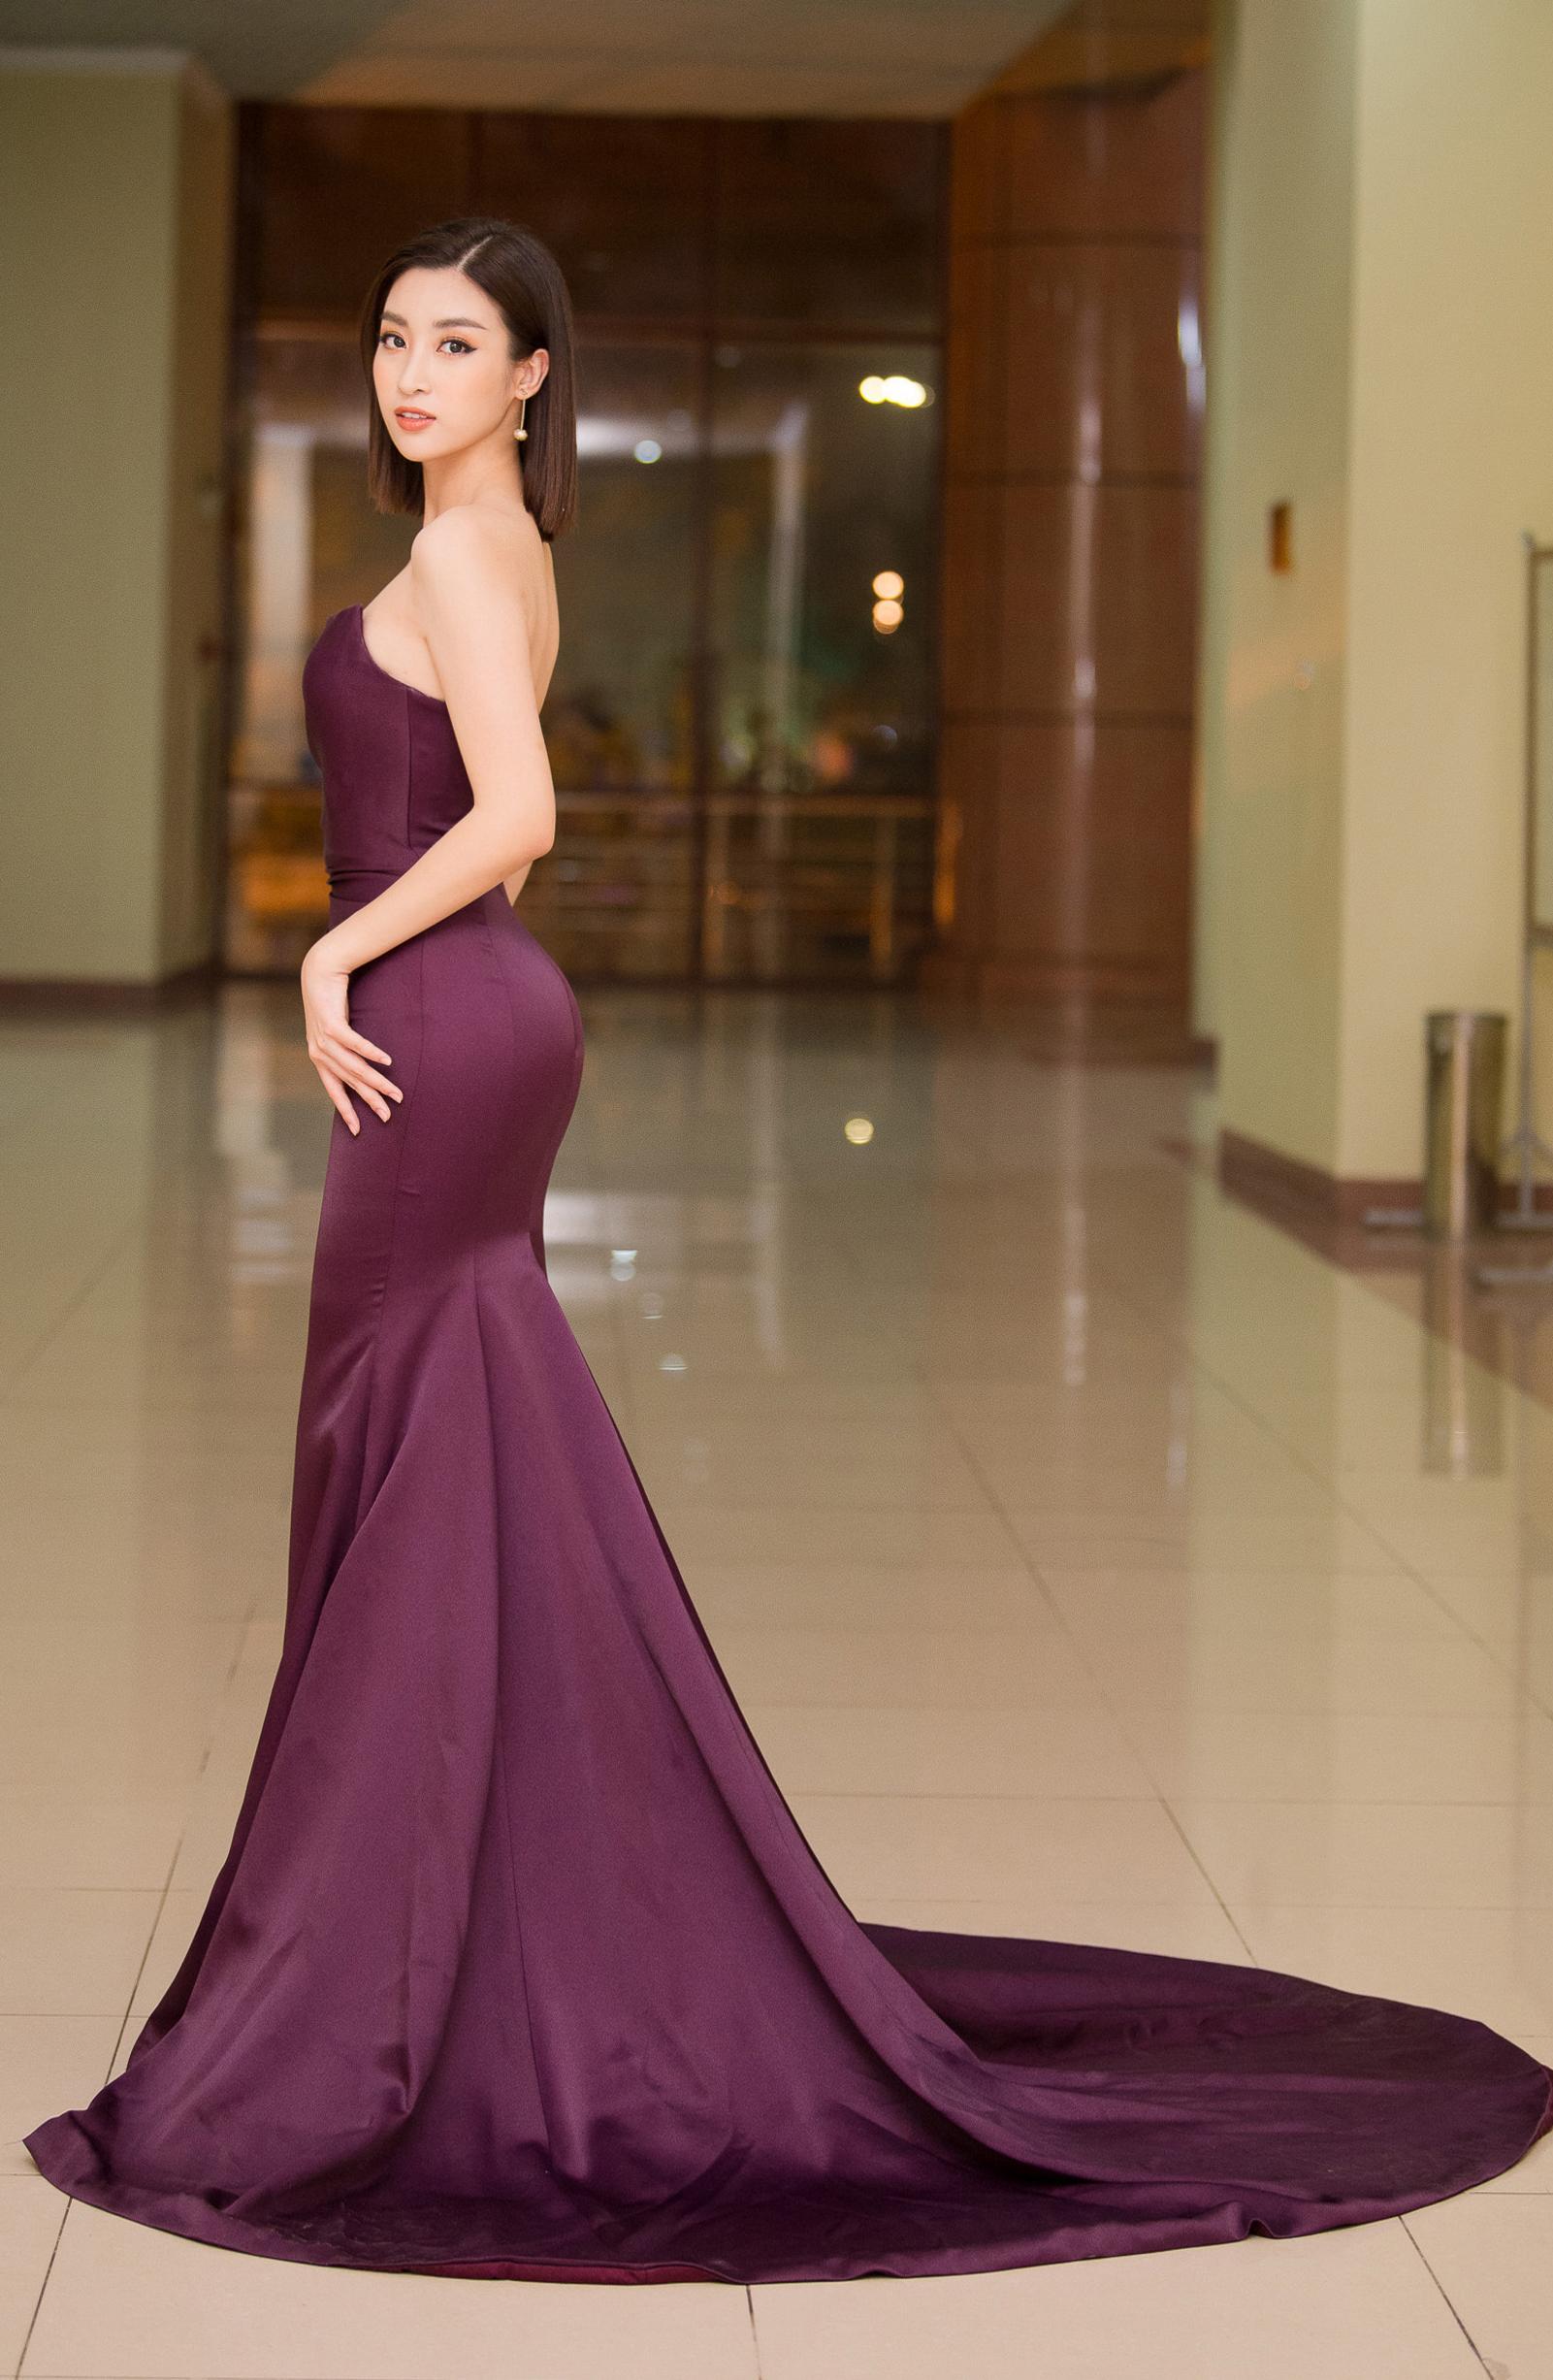 Hoa hậu Đỗ Mỹ Linh mê hoặc mọi ánh nhìn nhờ body như nữ thần và nhan sắc tinh khiết Ảnh 4